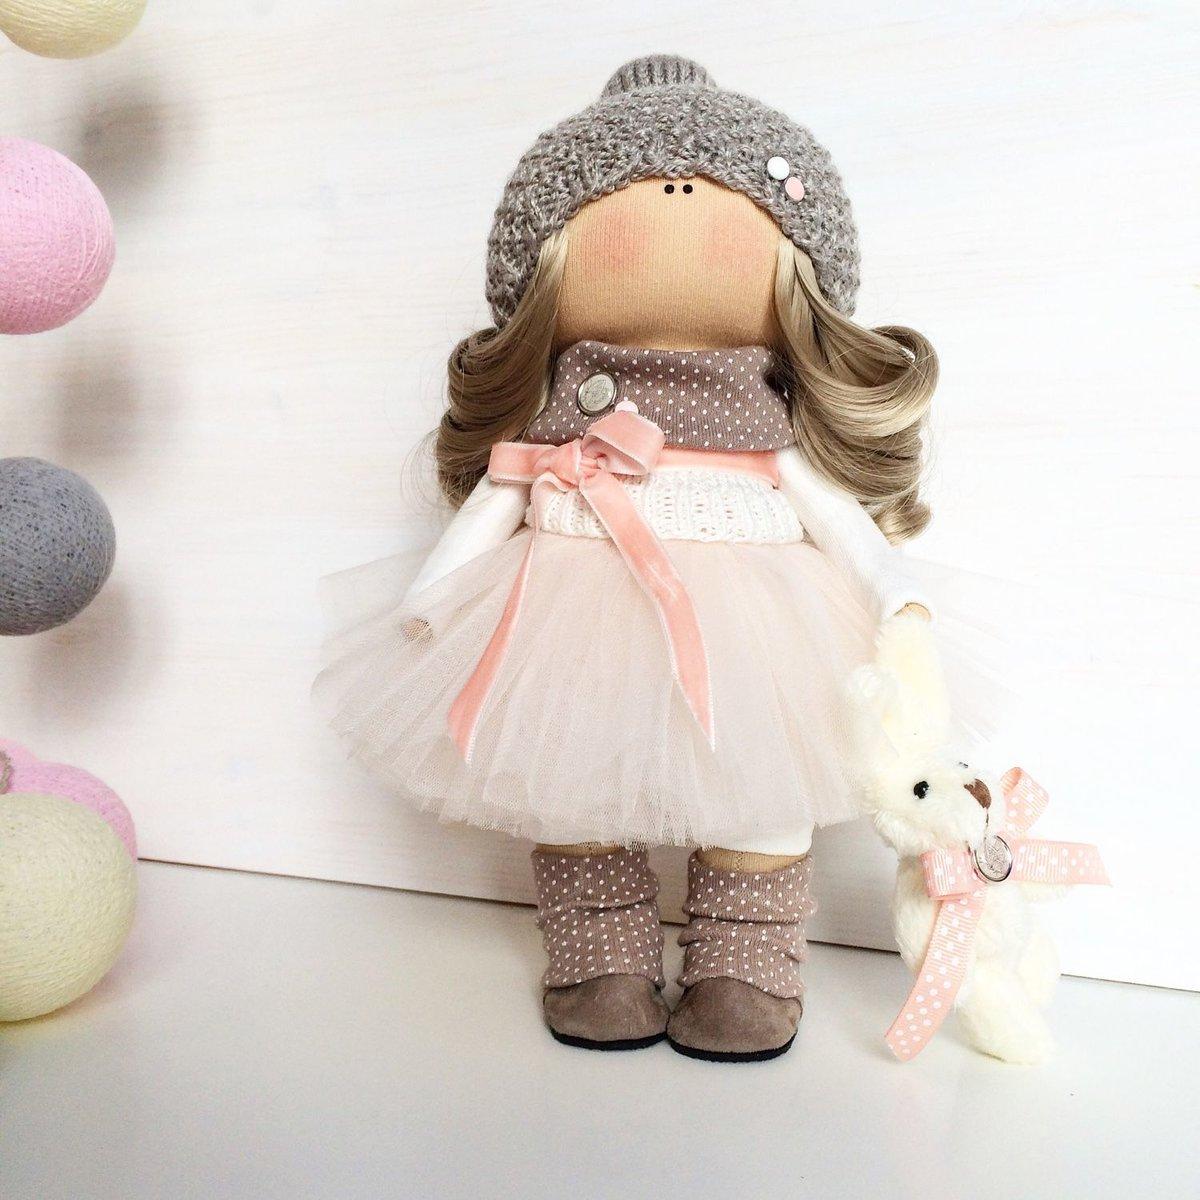 Как сделать выкройку и сшить куклу большеножку с цельнокроеной головой своими руками? мастер-класс